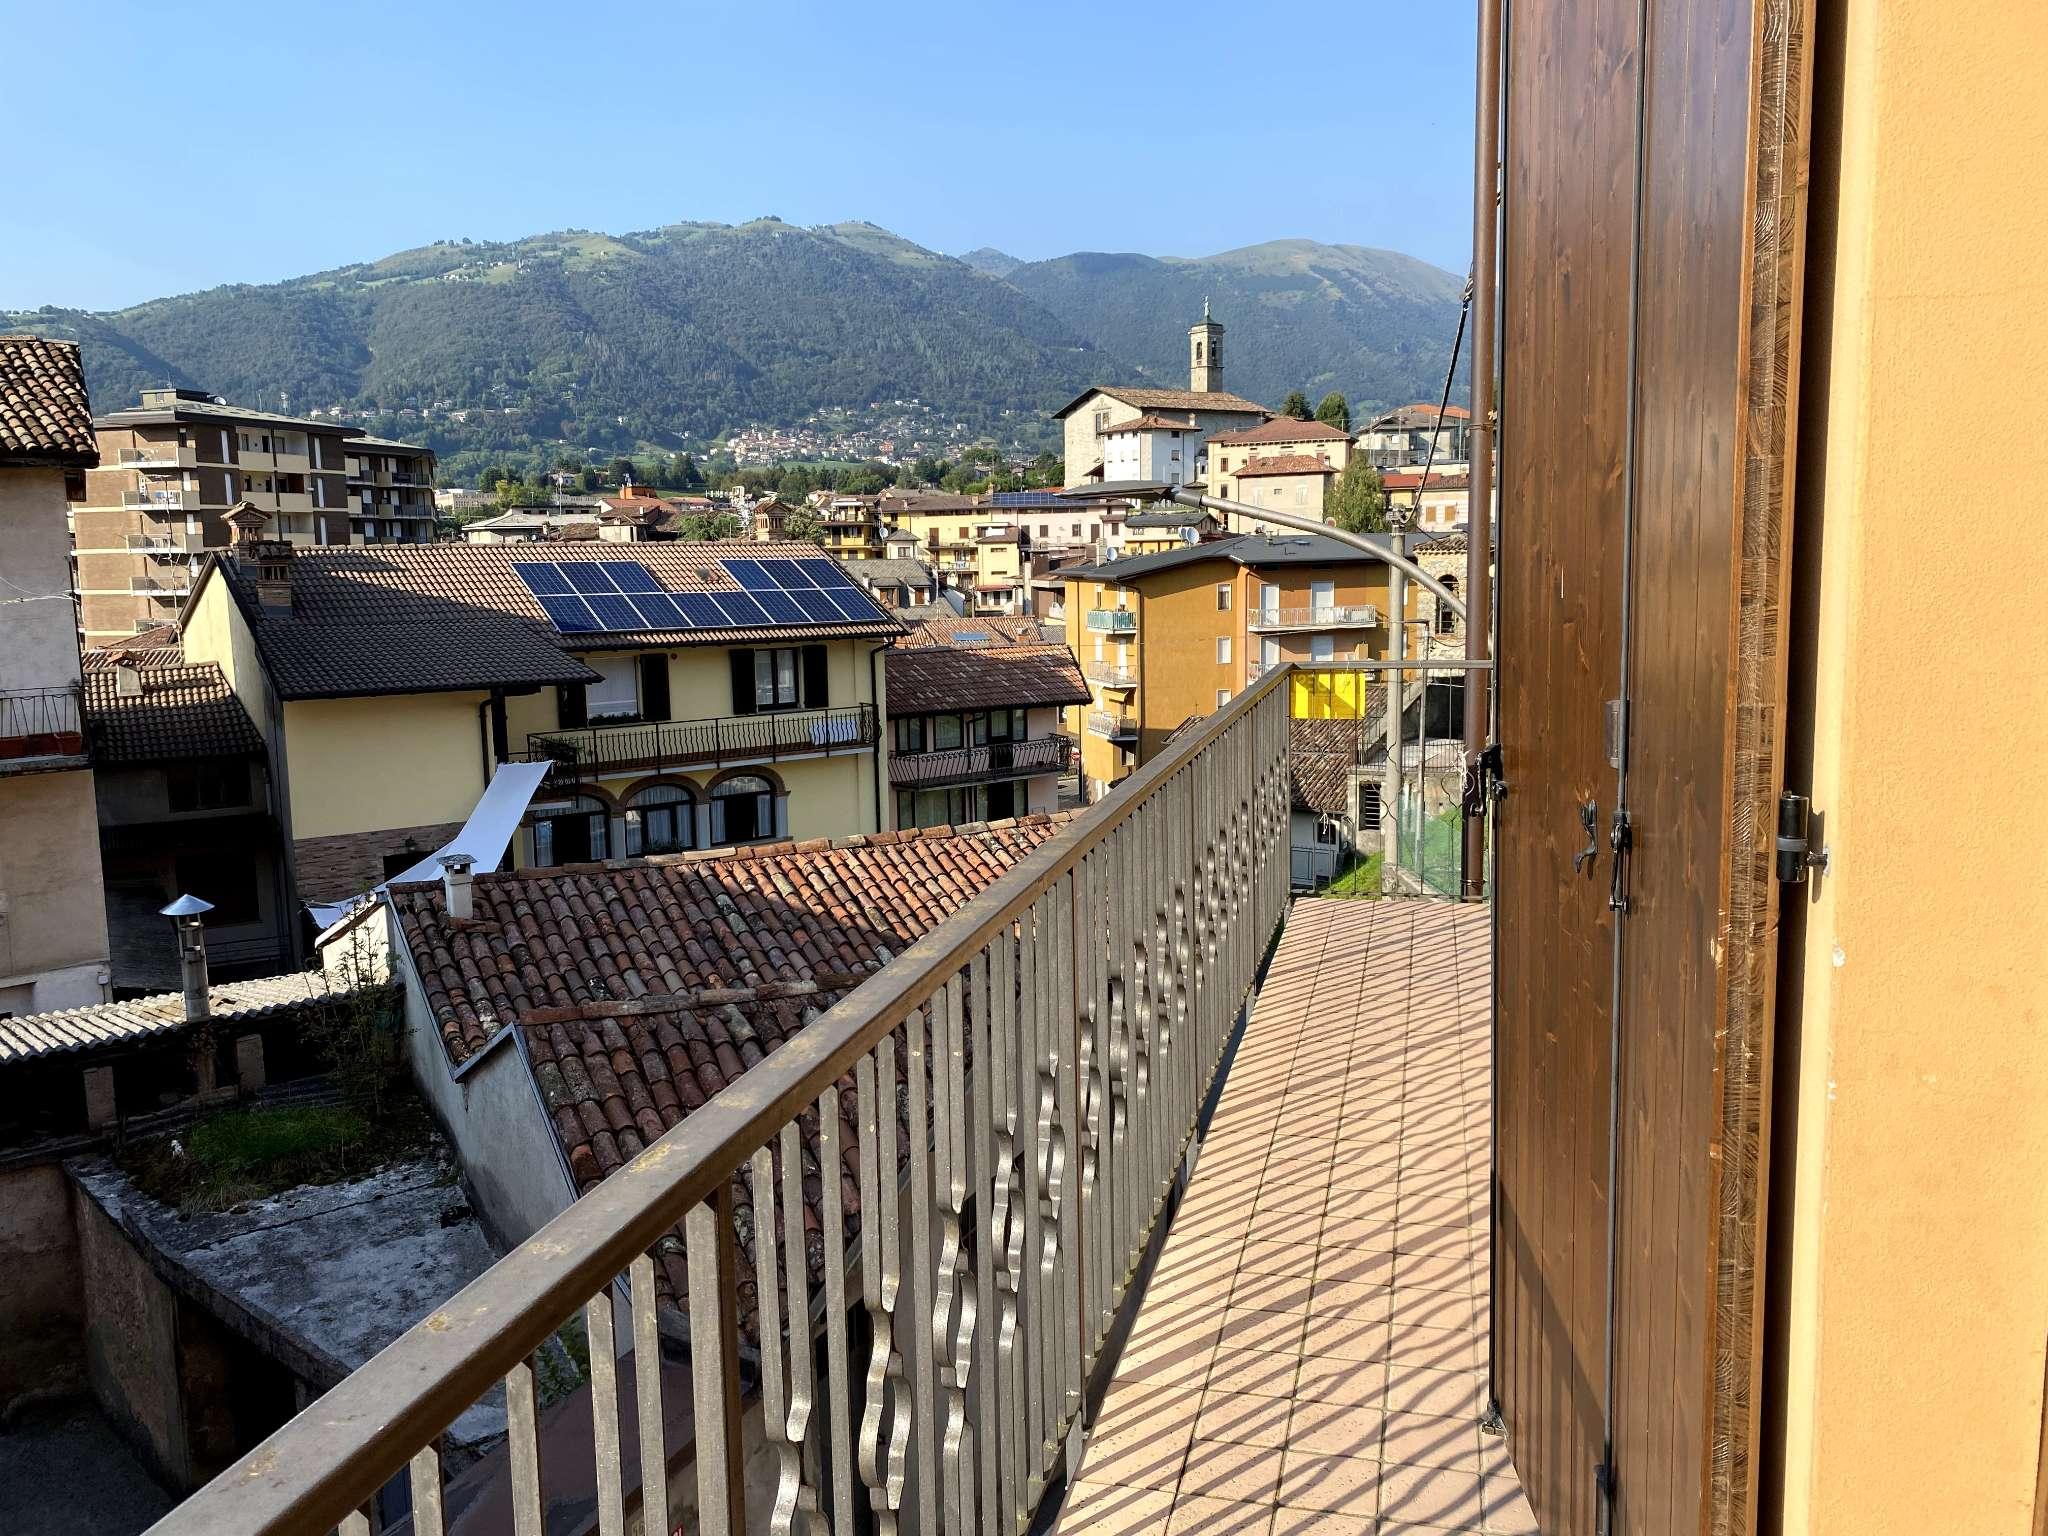 Appartamento in vendita a Leffe, 3 locali, prezzo € 65.000 | CambioCasa.it